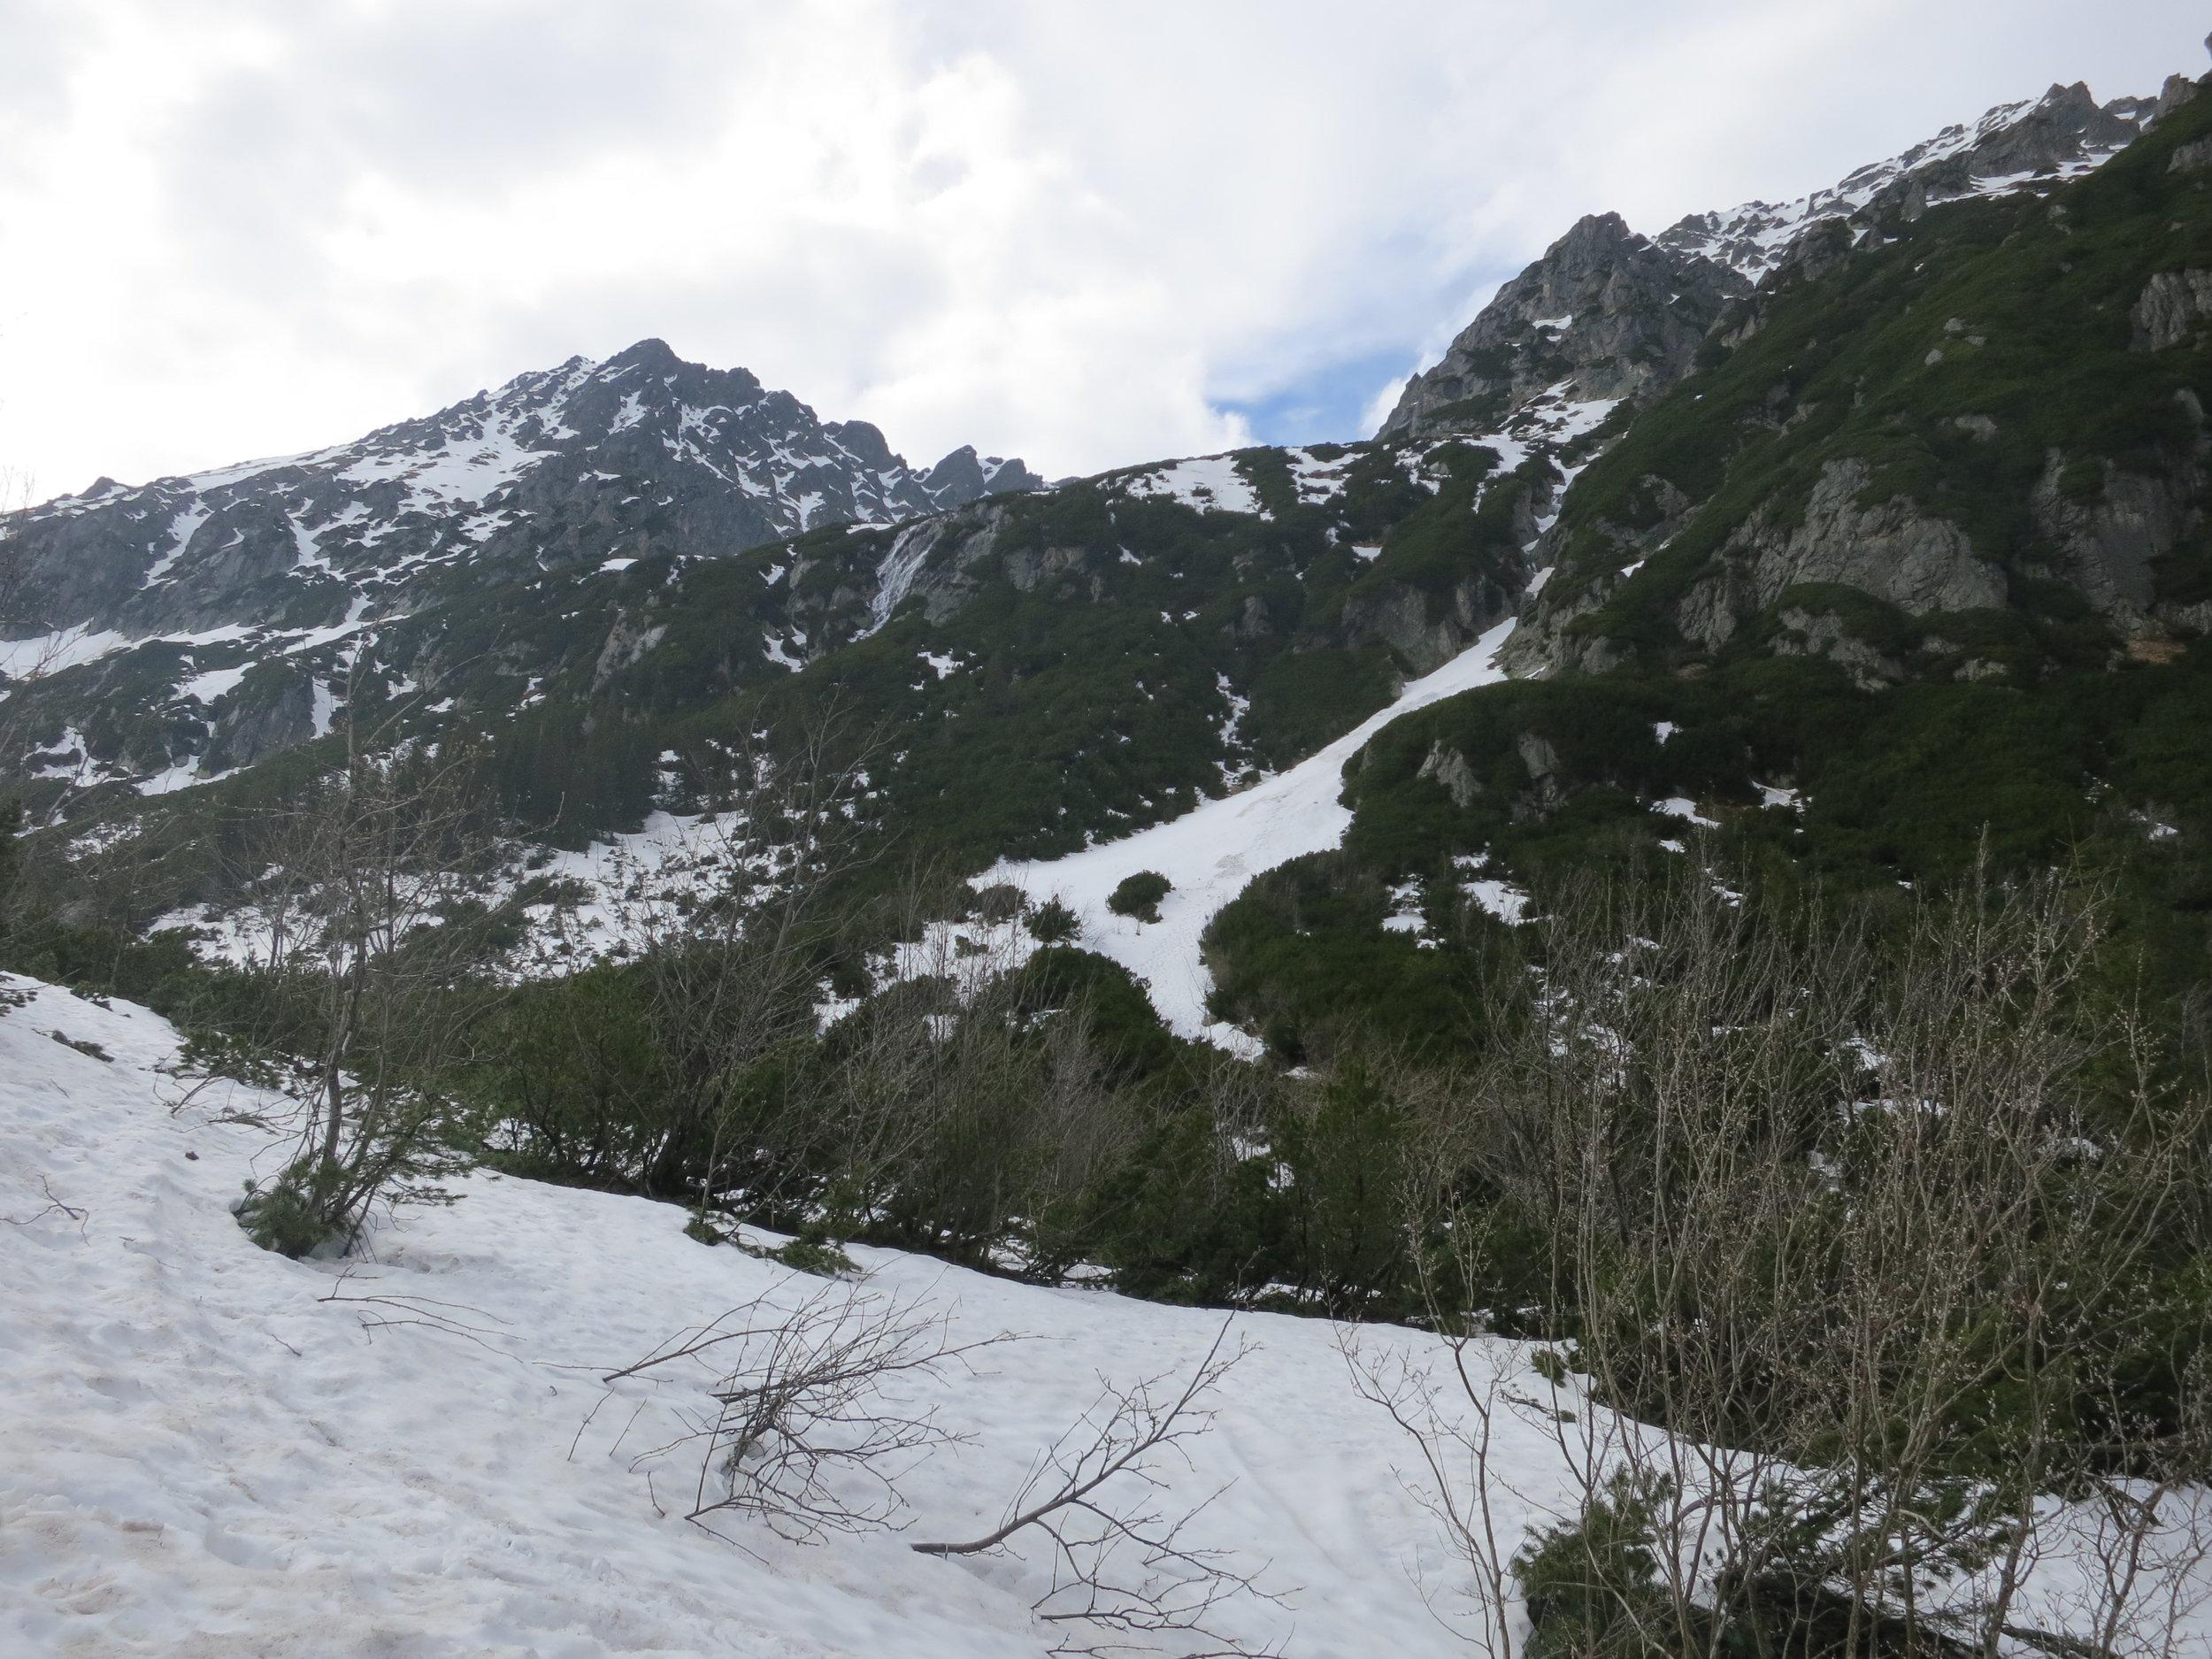 Mountain views near Dolina Pięciu Stawów.